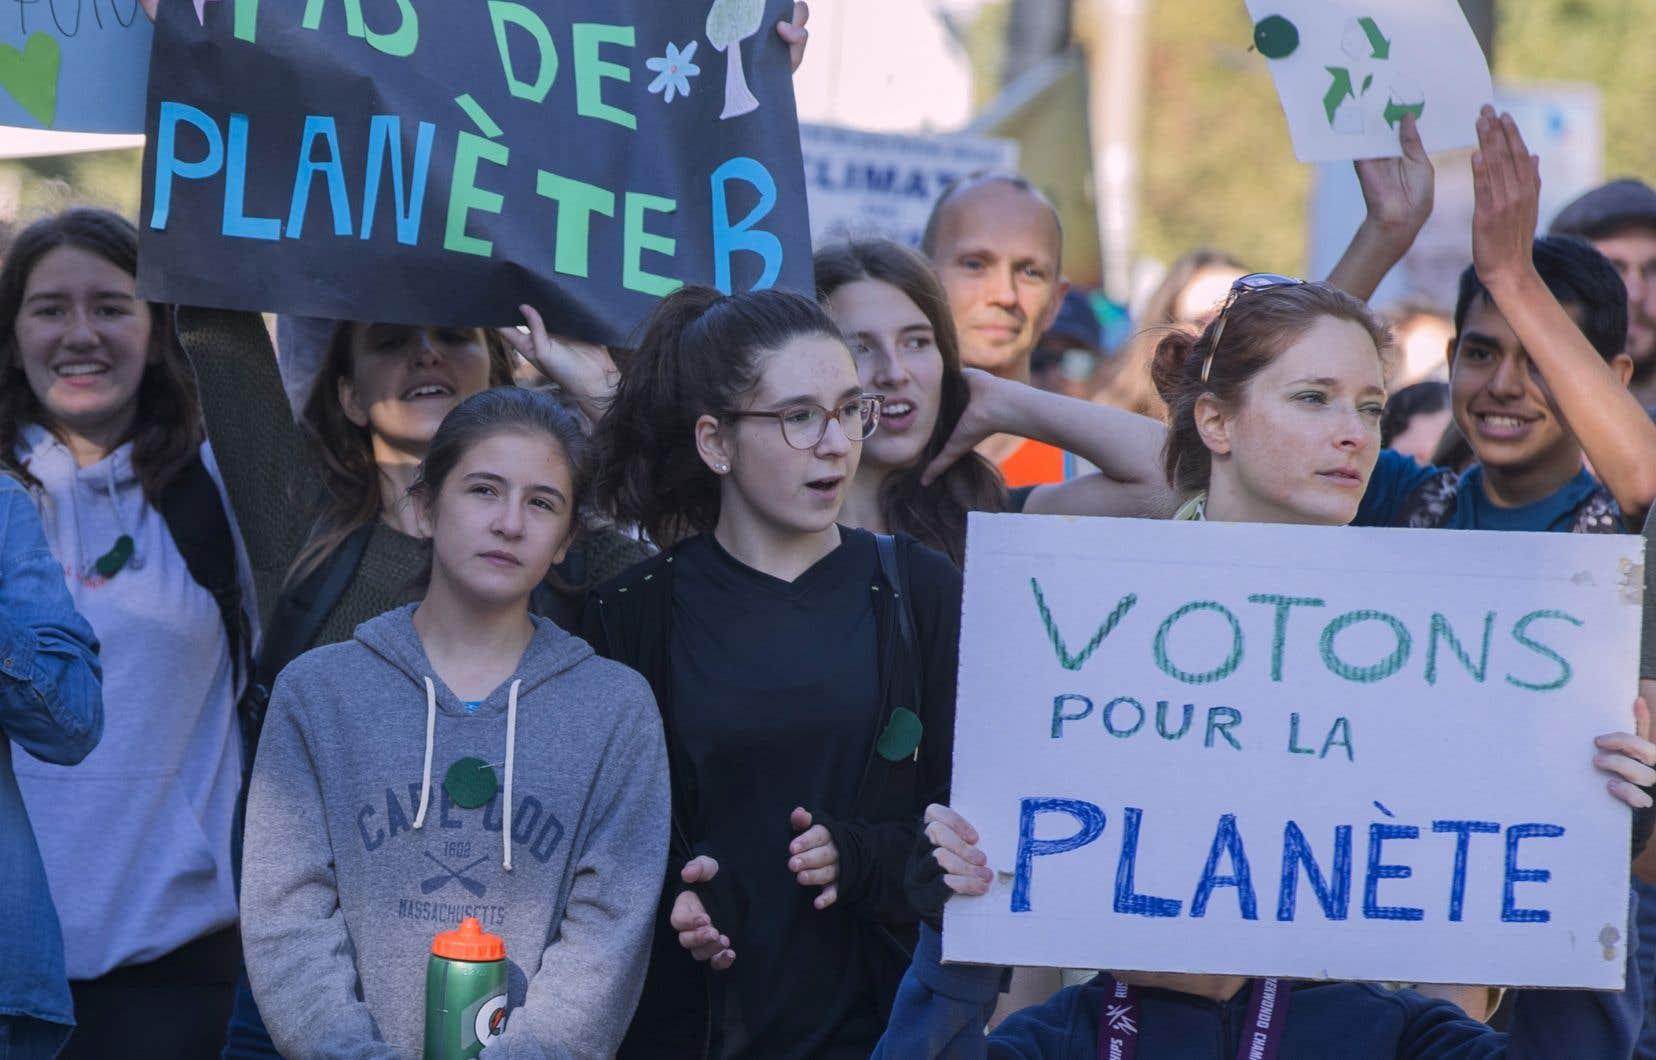 «En exploitant les avantages du Québec, dus à son électricité à faibles émissions de GES, la transition énergétique doit servir à stimuler un virage vers une activité économique plus sobre en carbone, à améliorer la santé publique et être porteuse de justice sociale», affirment les auteurs.